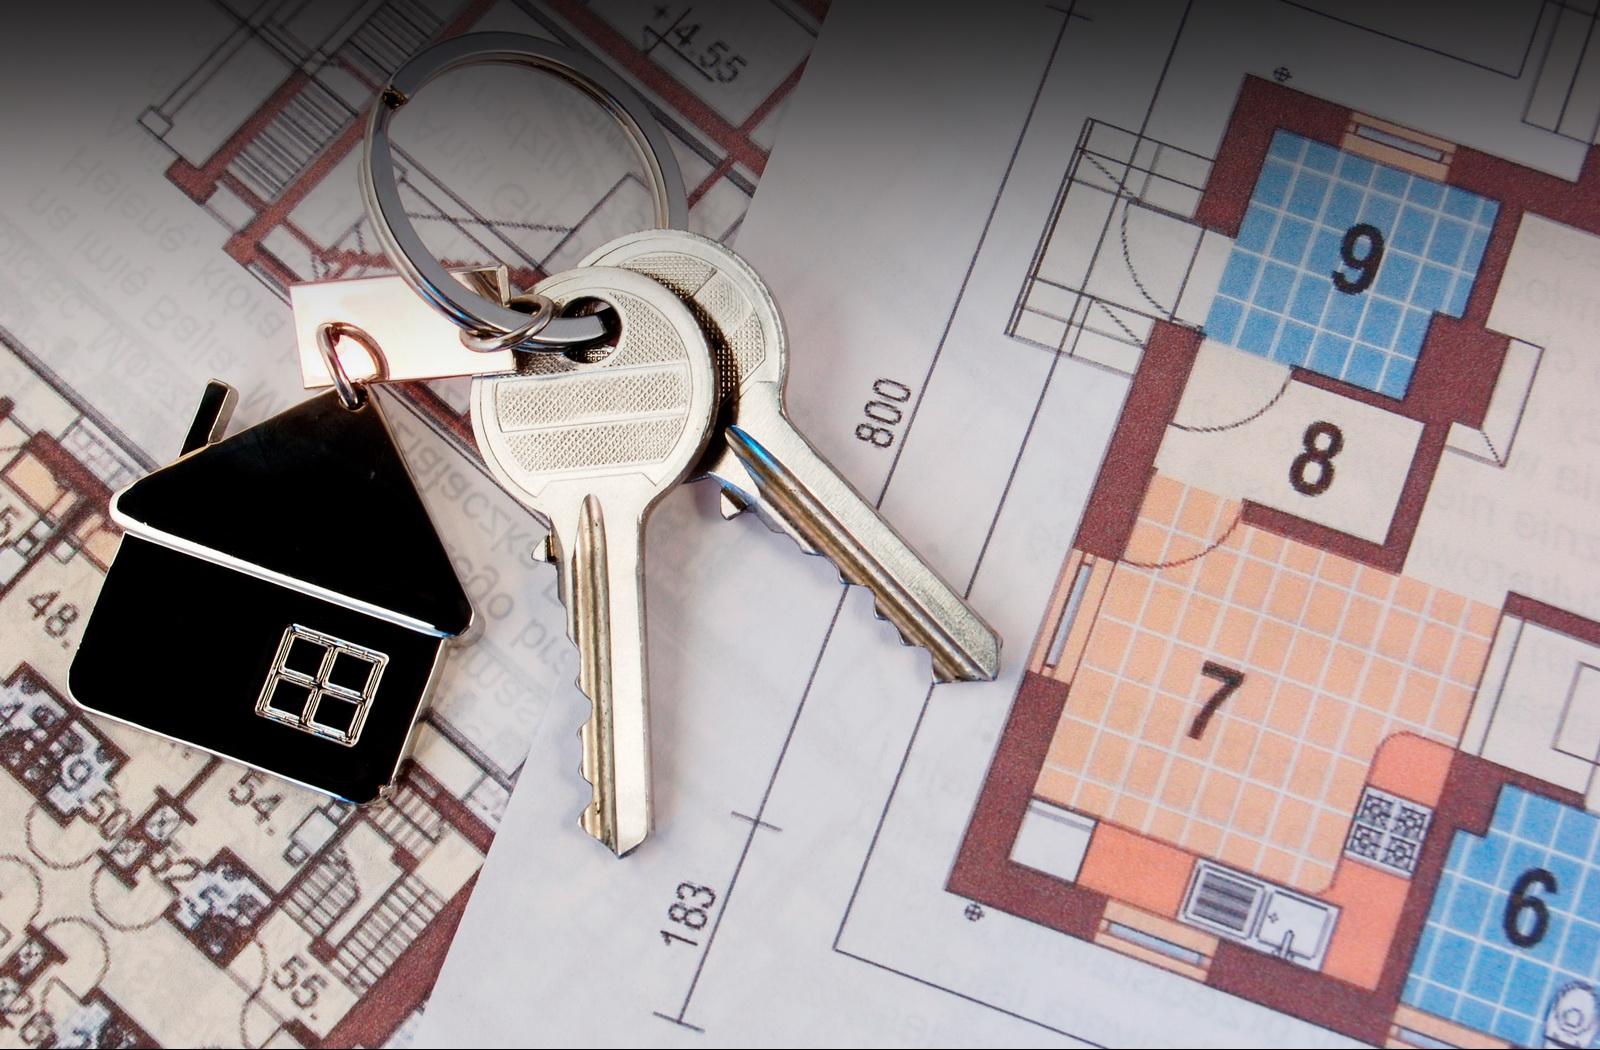 320 акмолинцев получили ключи от квартир ко Дню Независимости